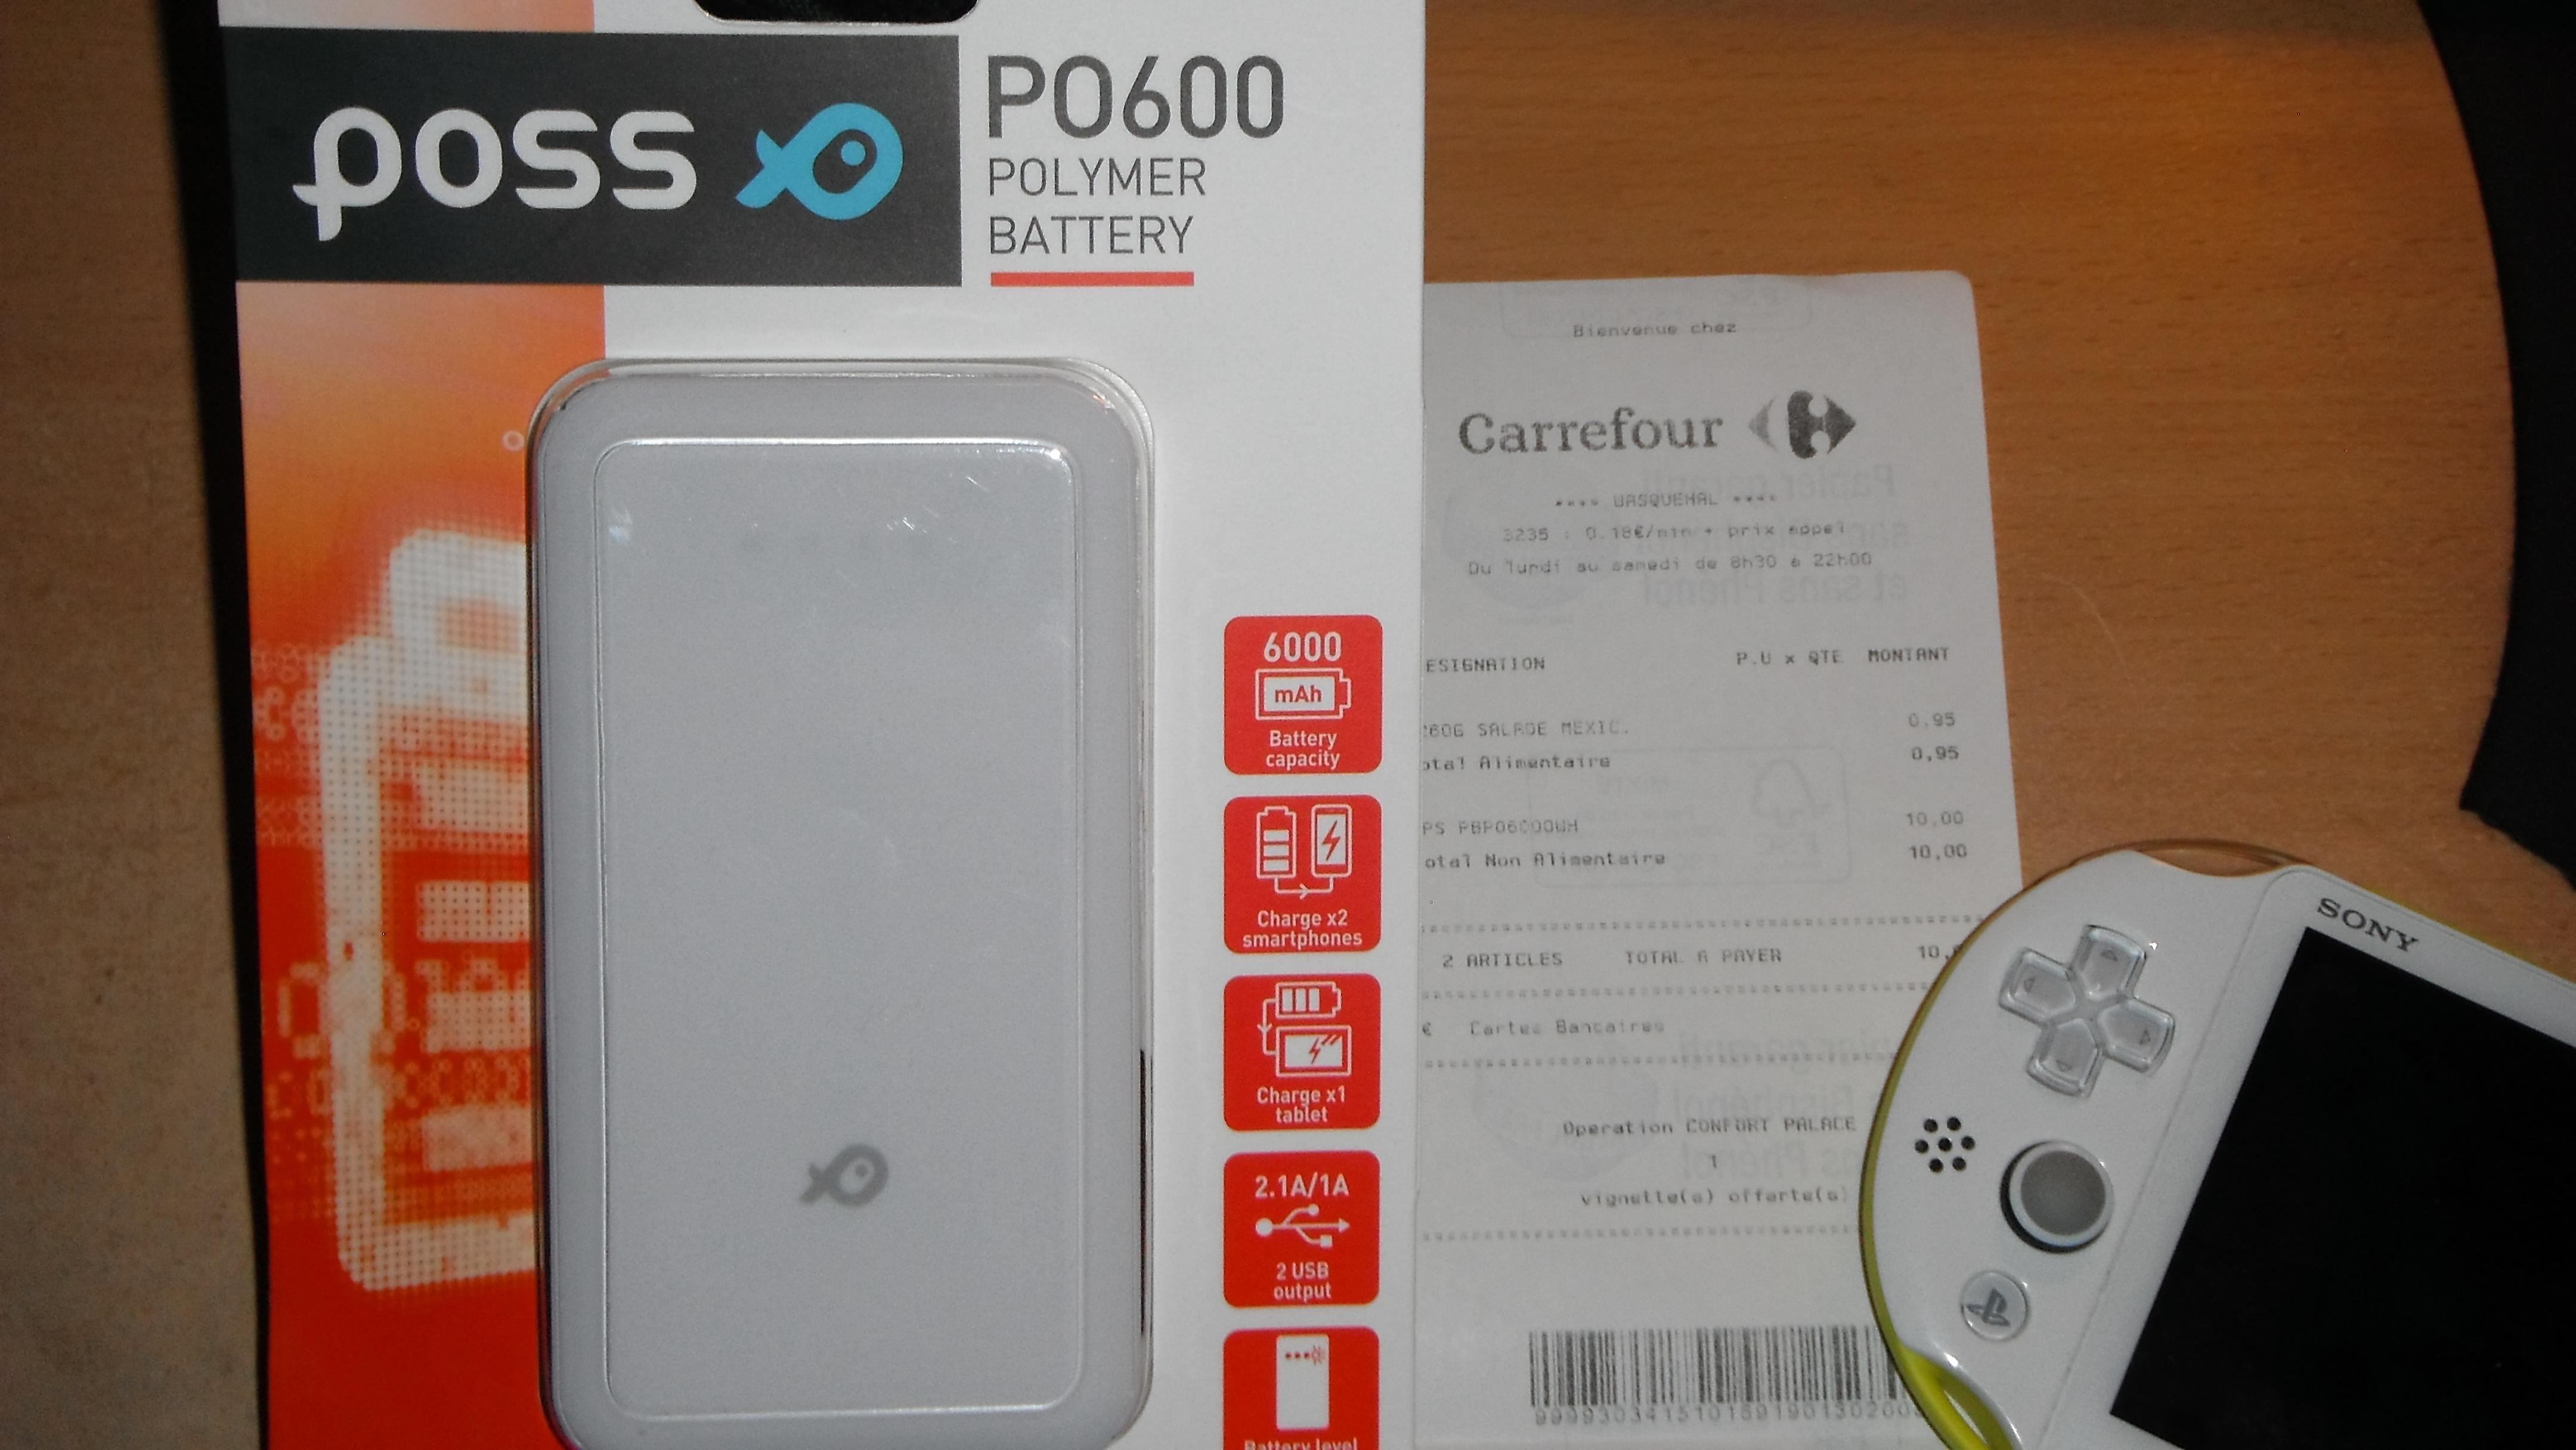 Batterie Externe Poss PO600 - 6000mAh (Carrefour Wasquehal - 59)